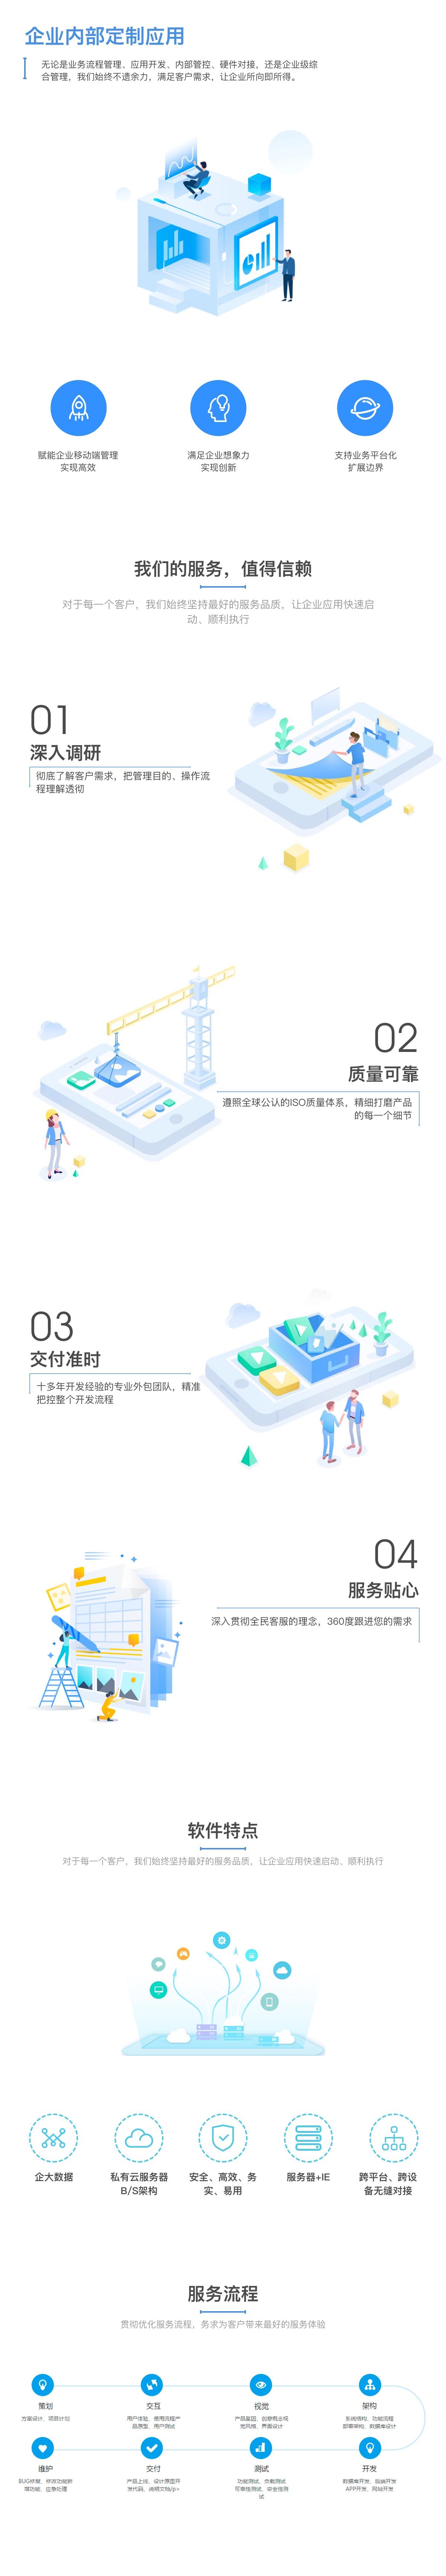 企业内部定制.jpg